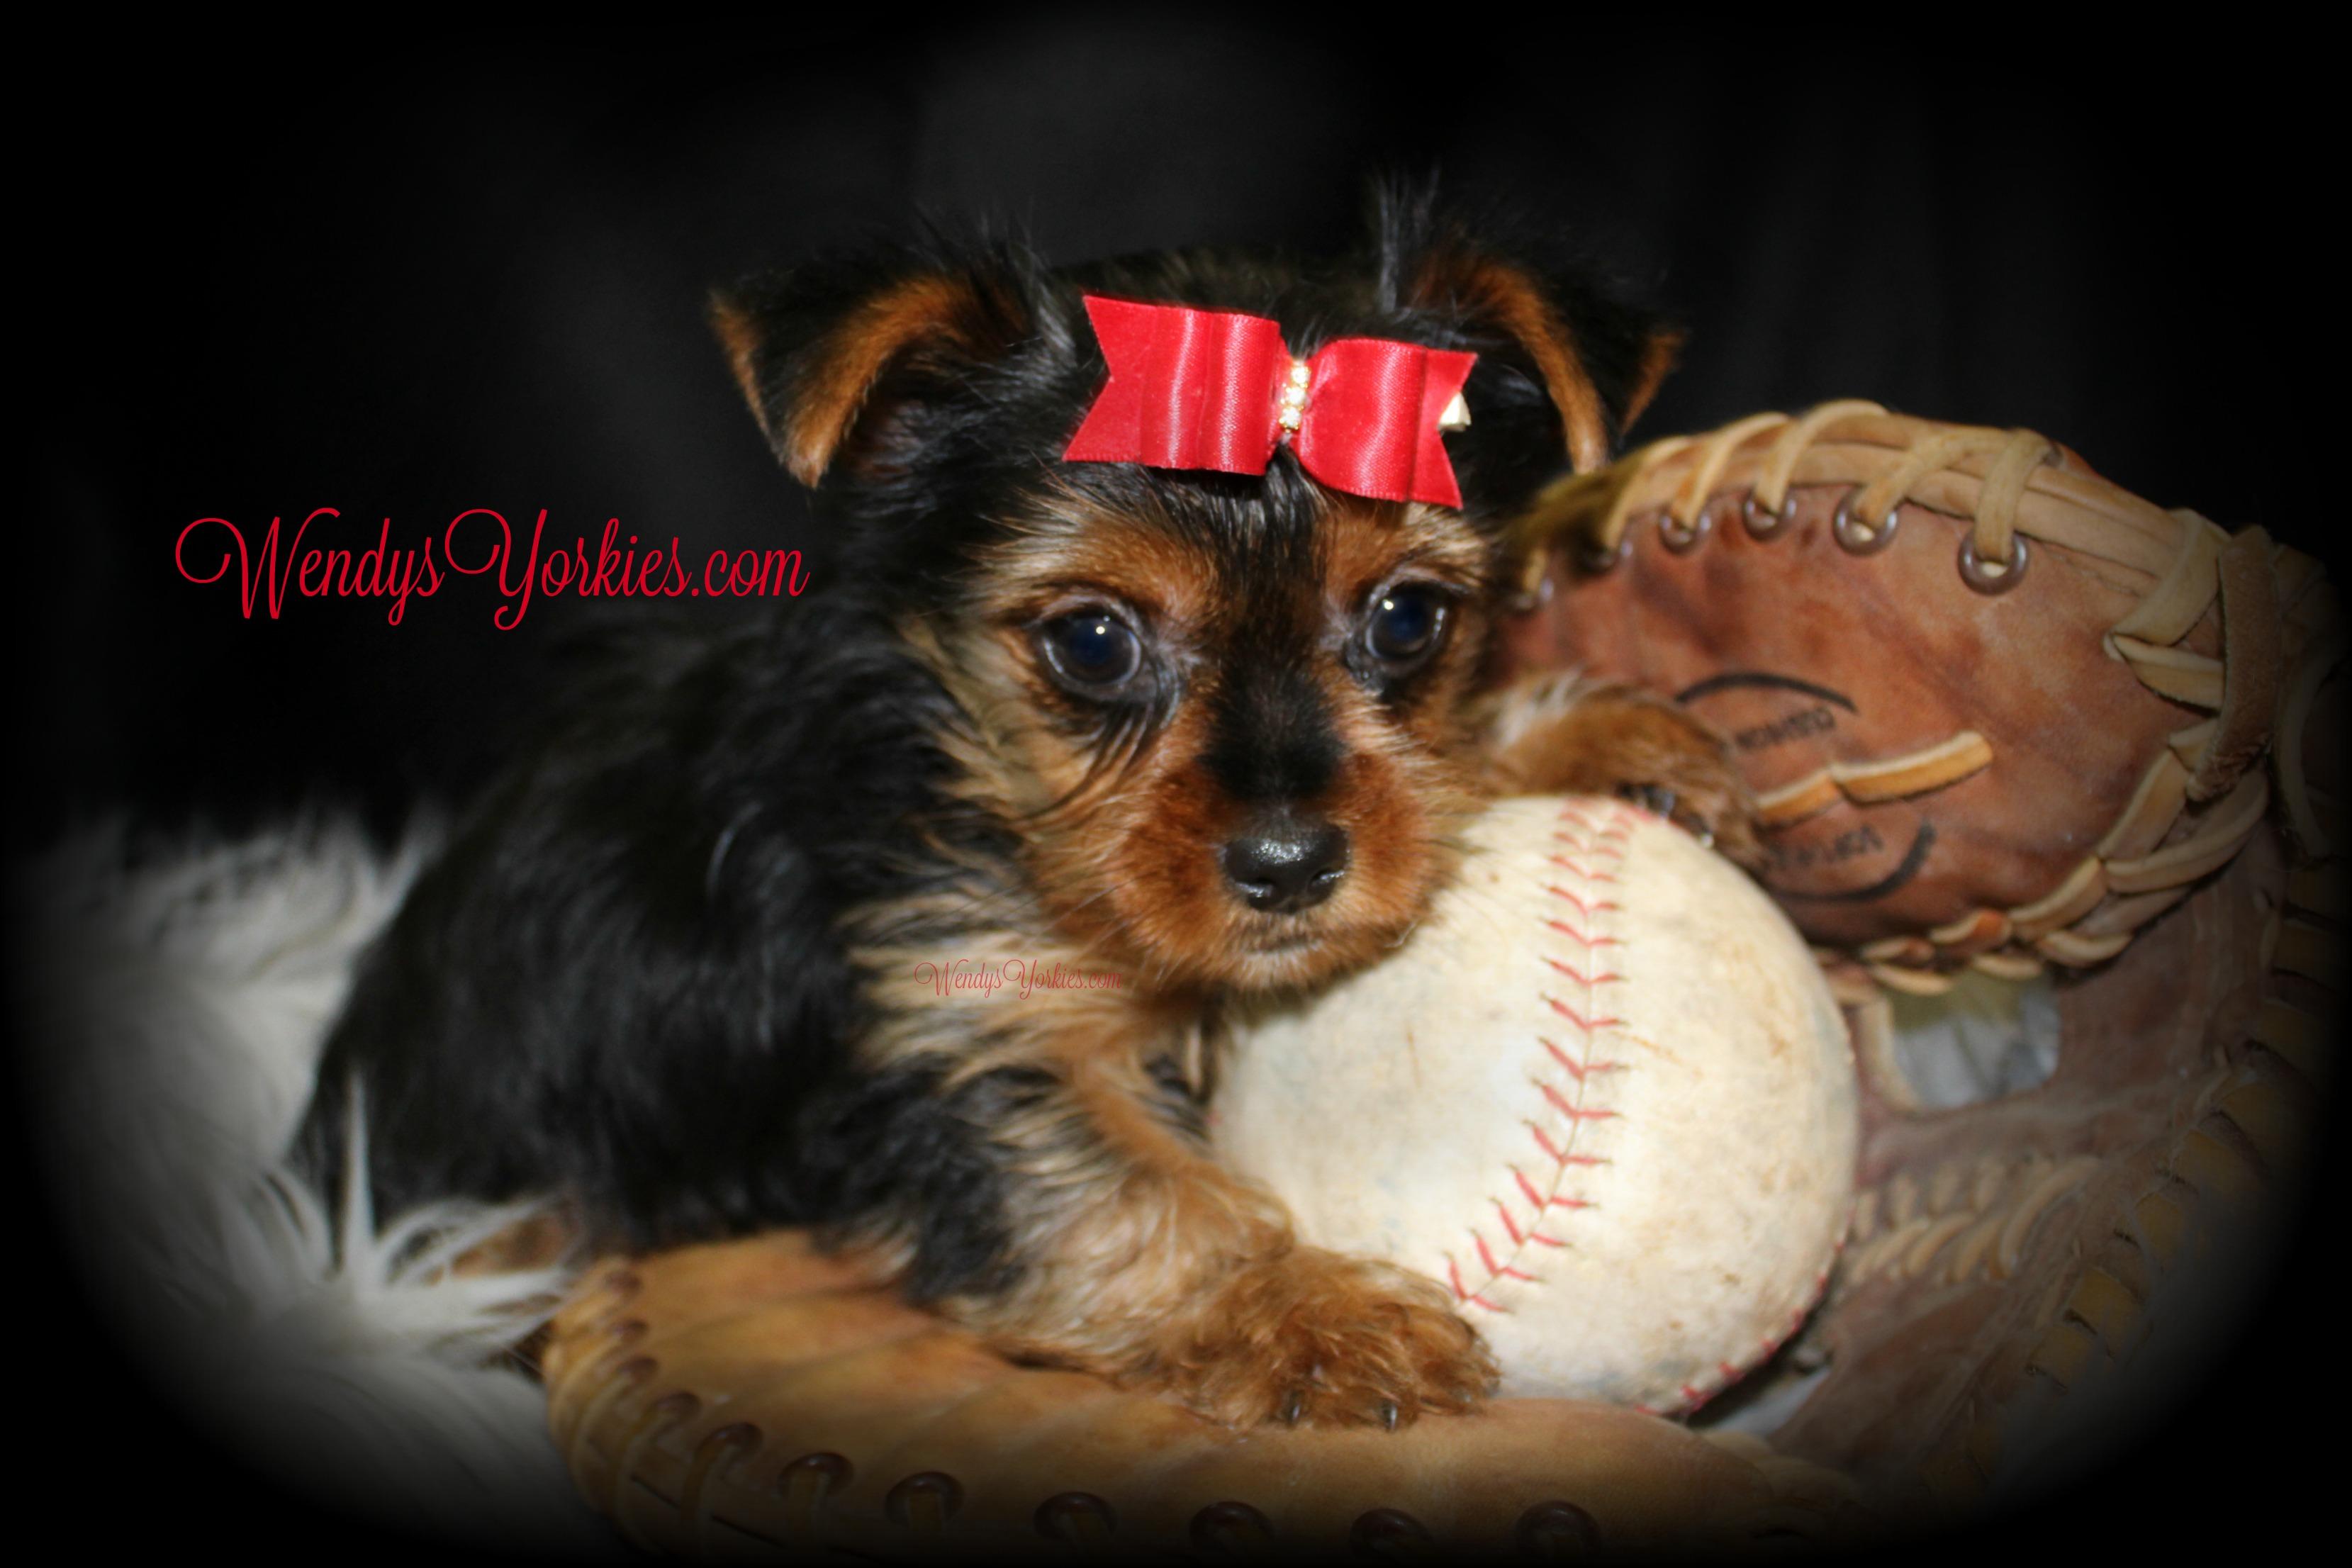 Cute Yorkie puppy for sale, WendysYorkies.com, Skeeter m1